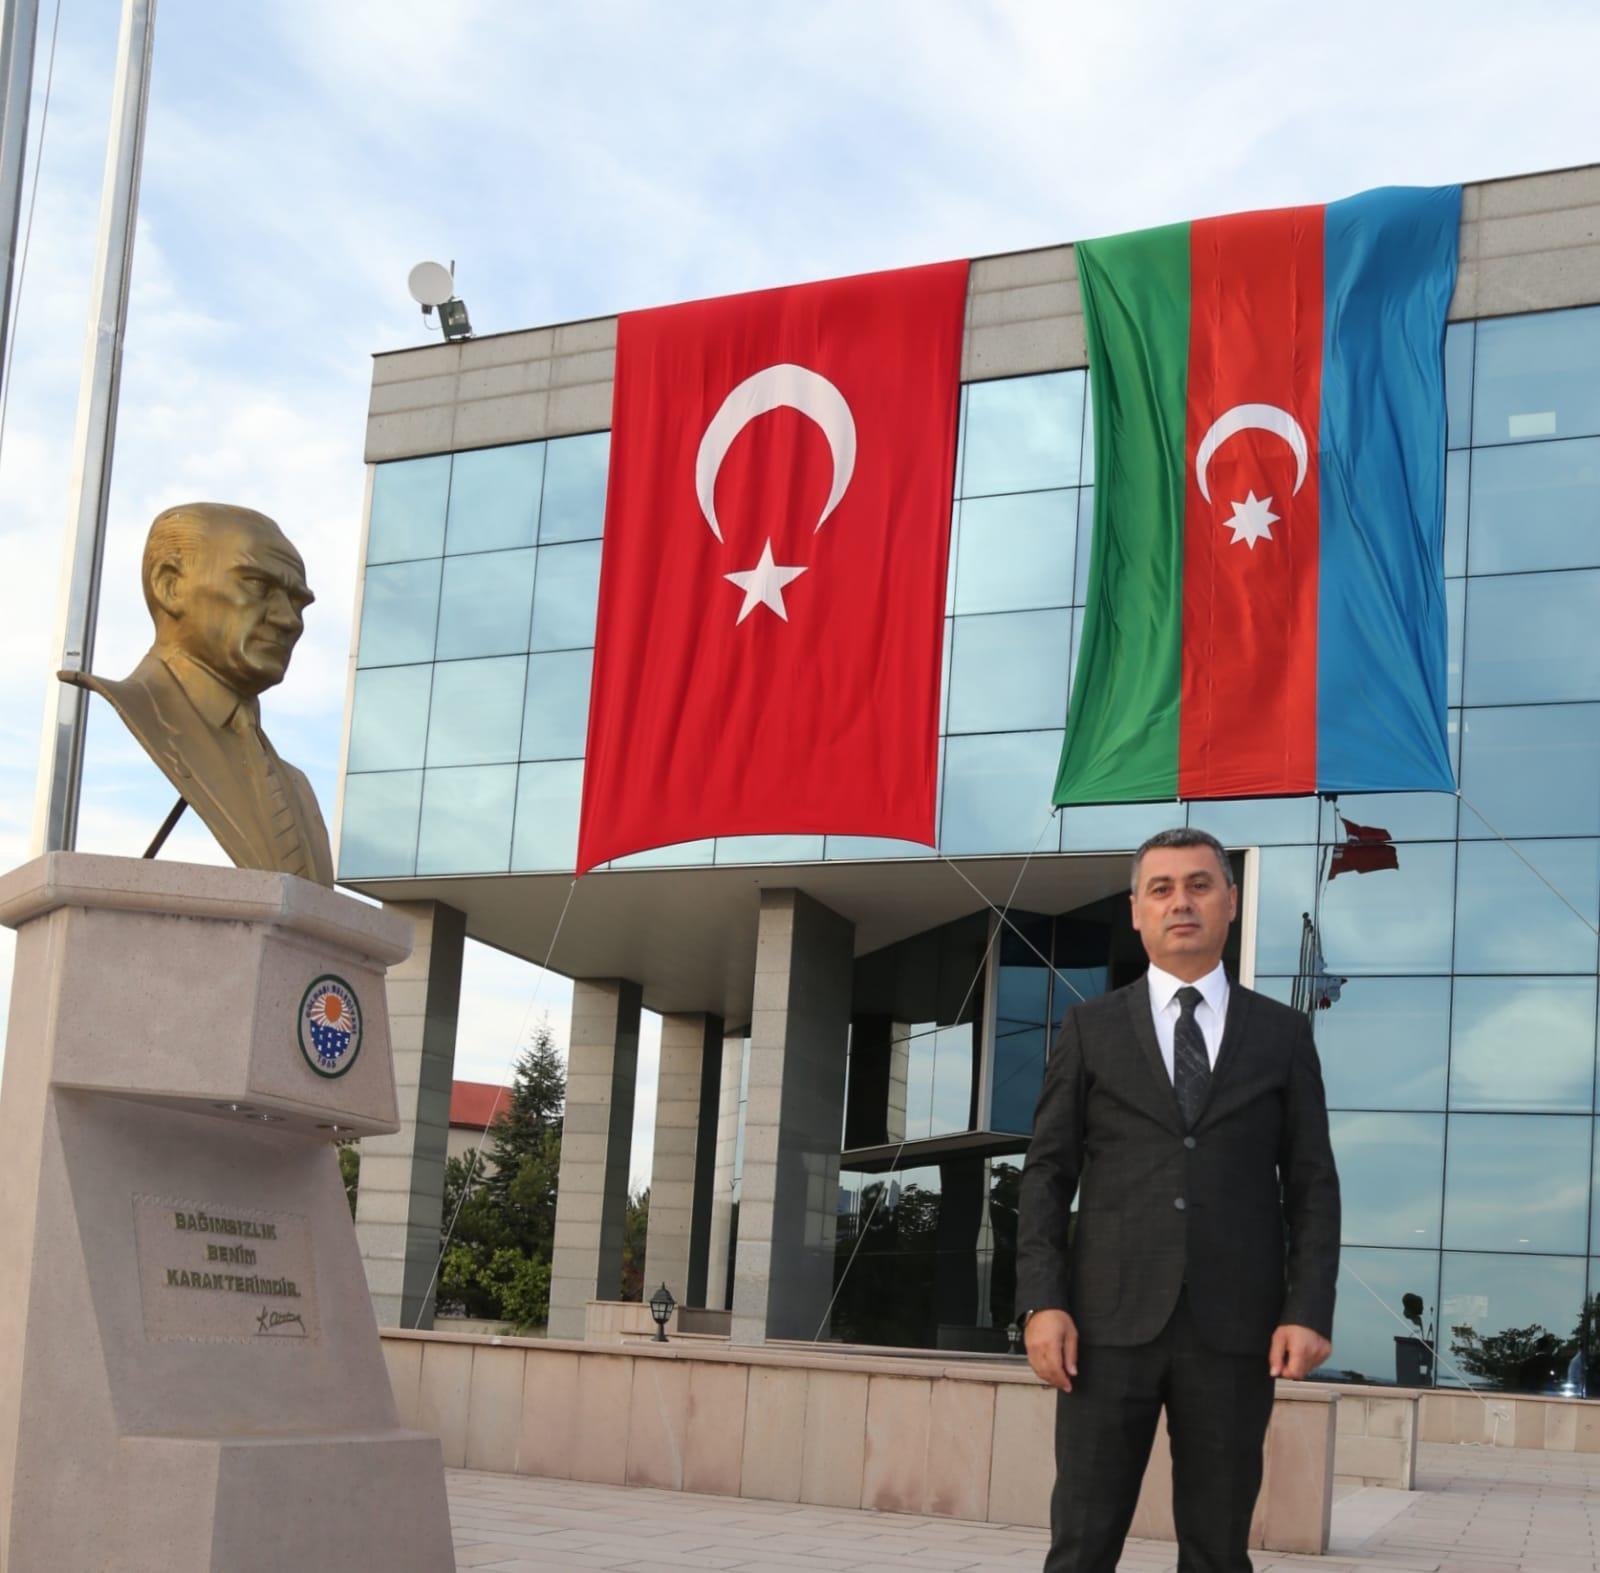 GÖLBAŞI BELEDİYE BAŞKANI RAMAZAN ŞİMŞEK'TEN AZERBAYCAN'A DESTEK